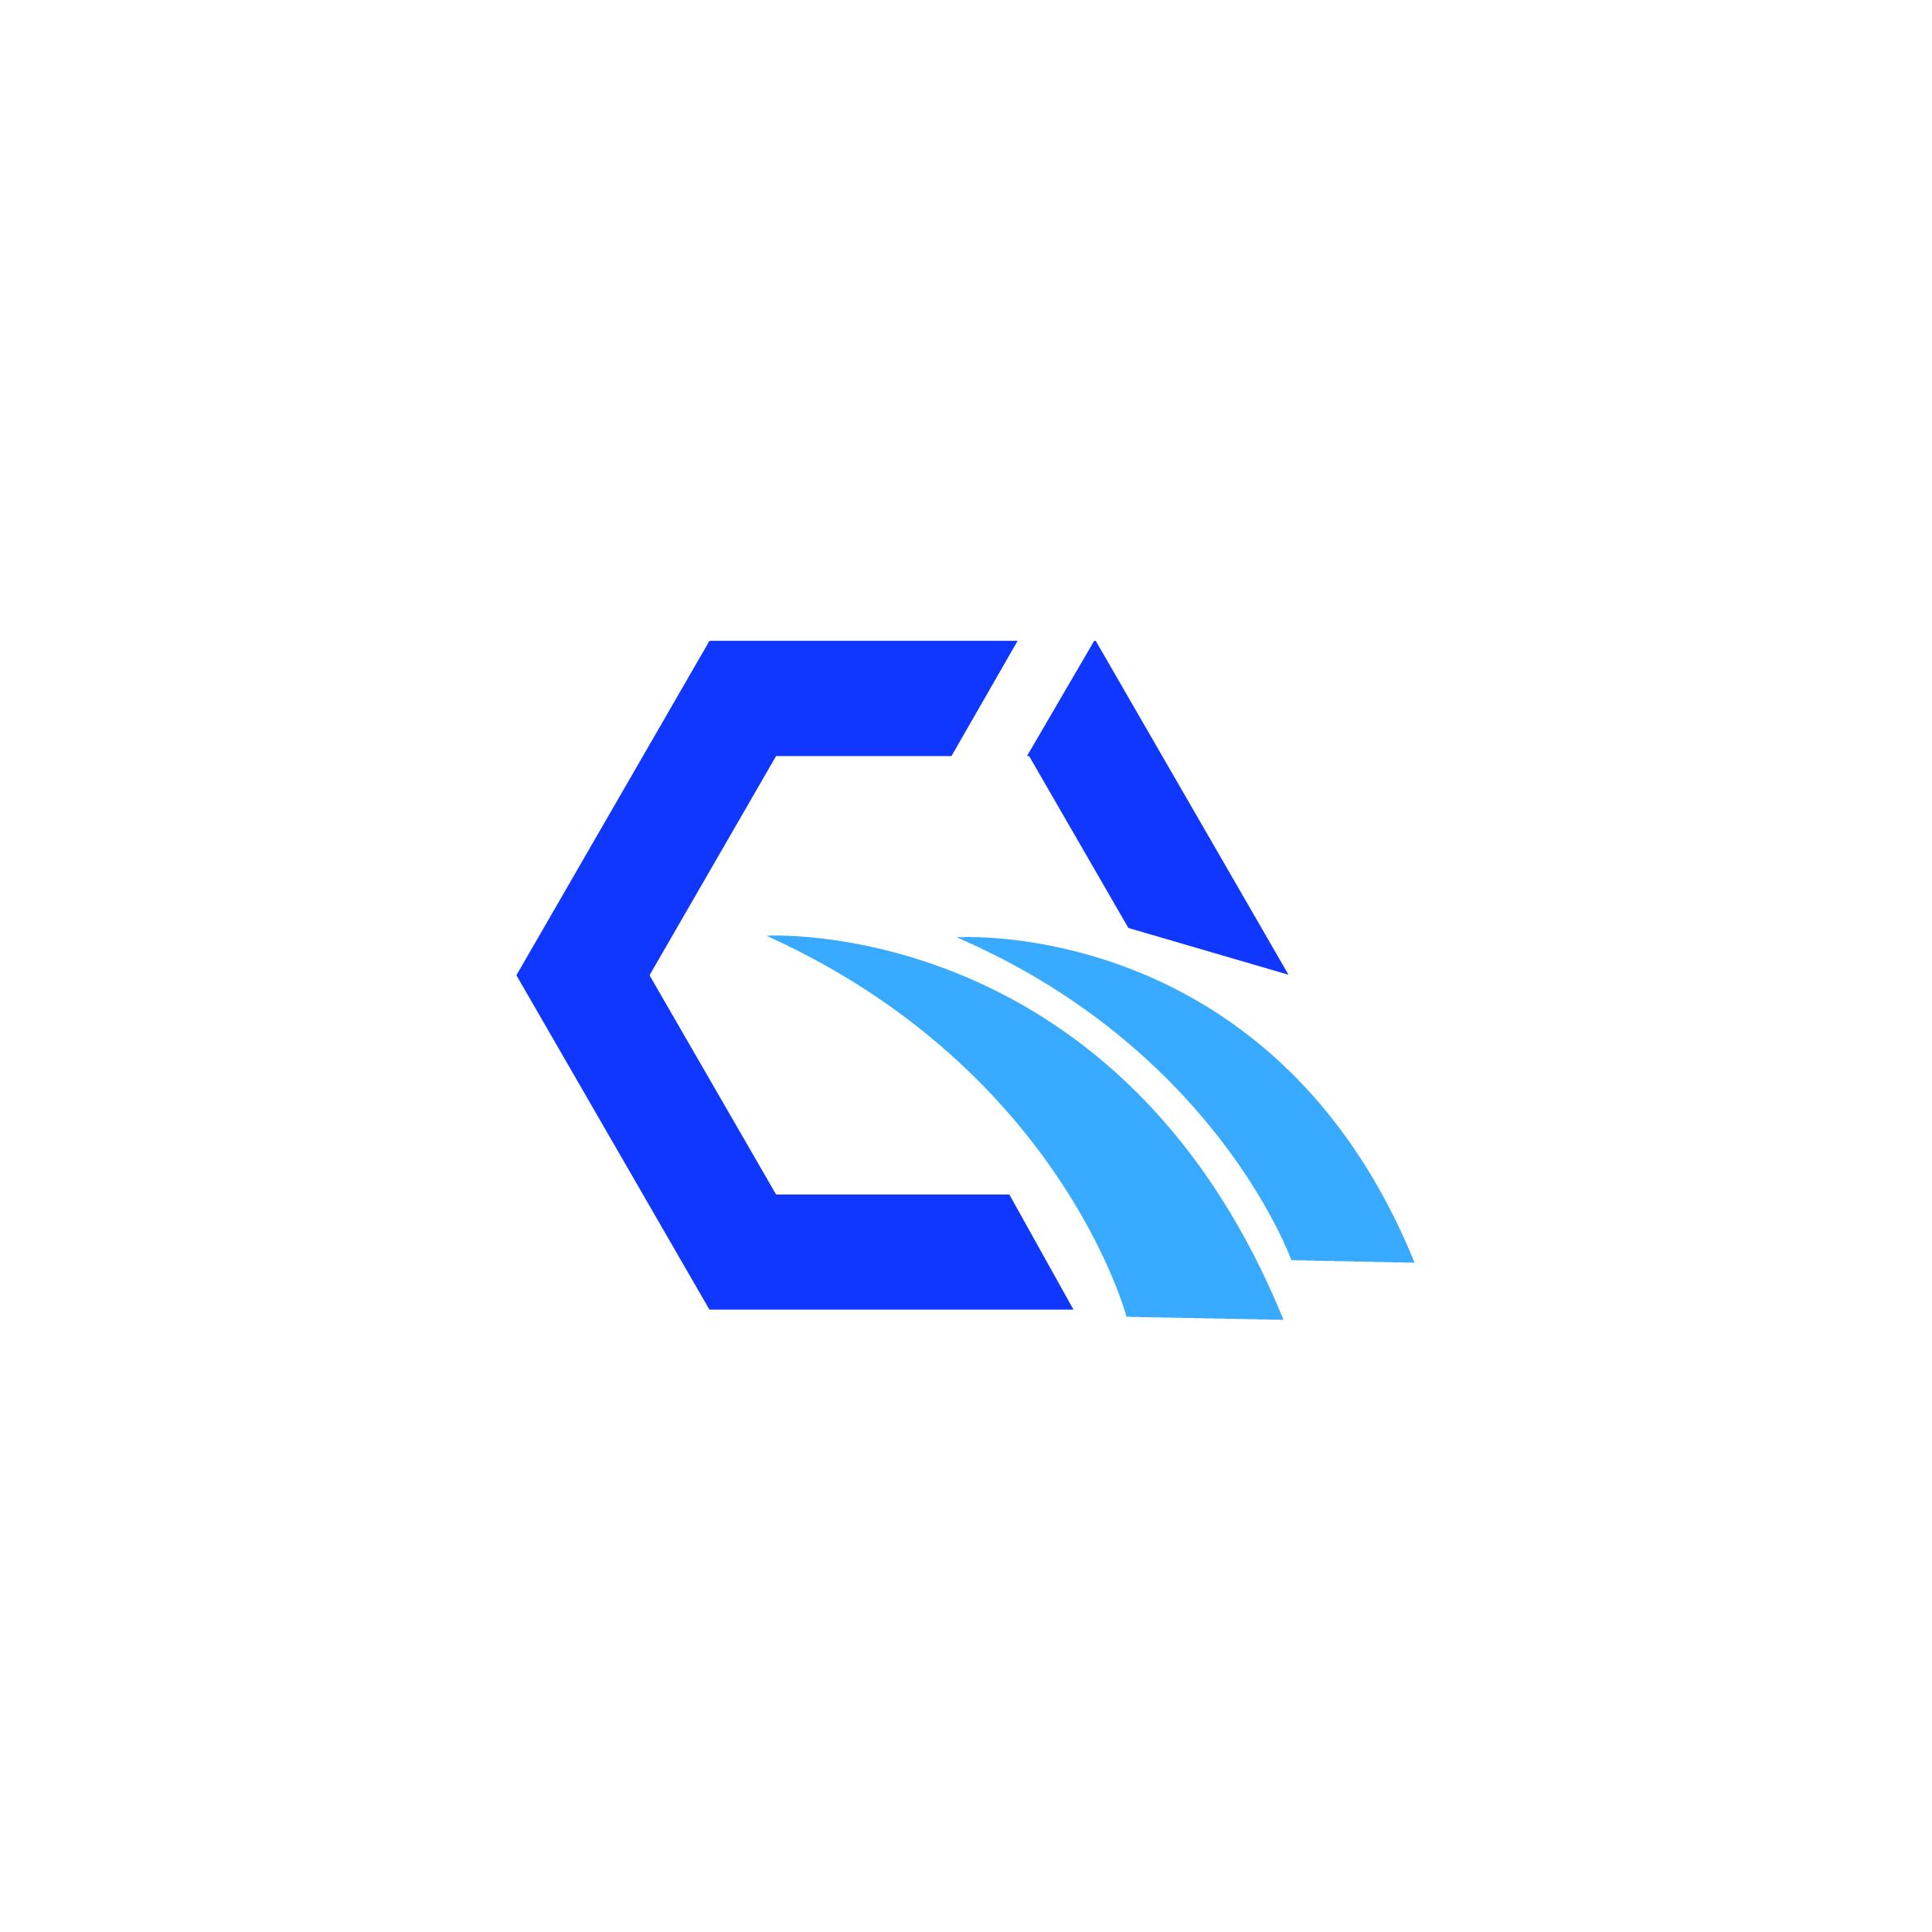 浙江超群機械設備有限公司